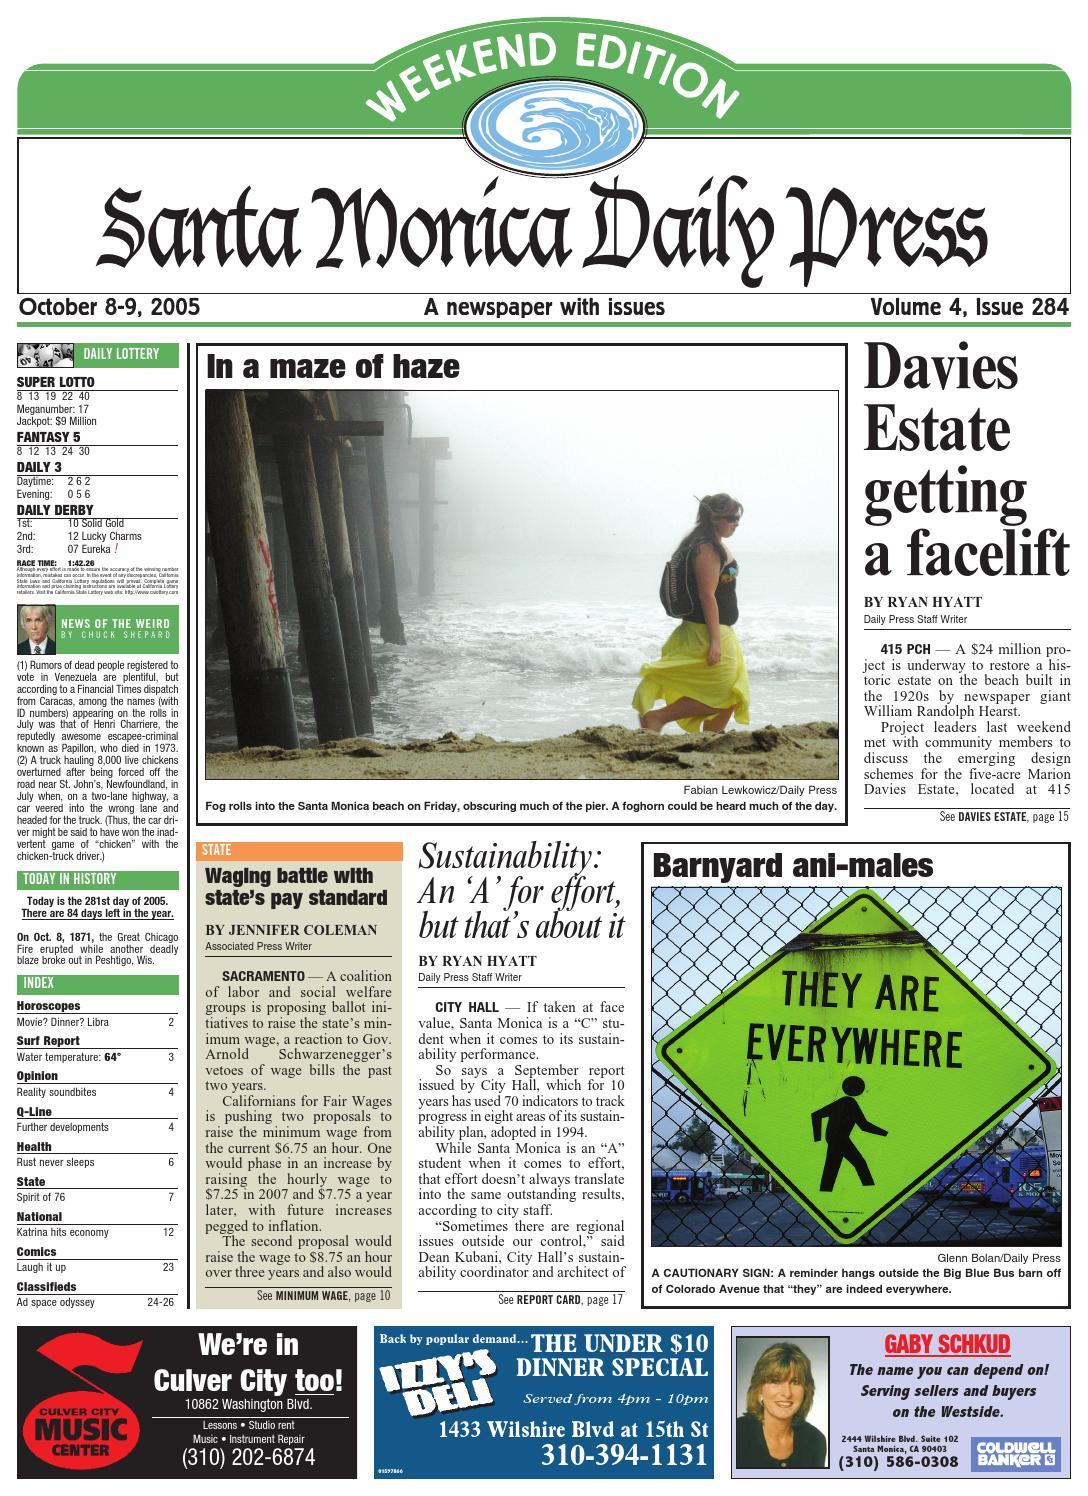 Santa monica daily press october 08 2005 by santa monica daily santa monica daily press october 08 2005 by santa monica daily press issuu fandeluxe Choice Image